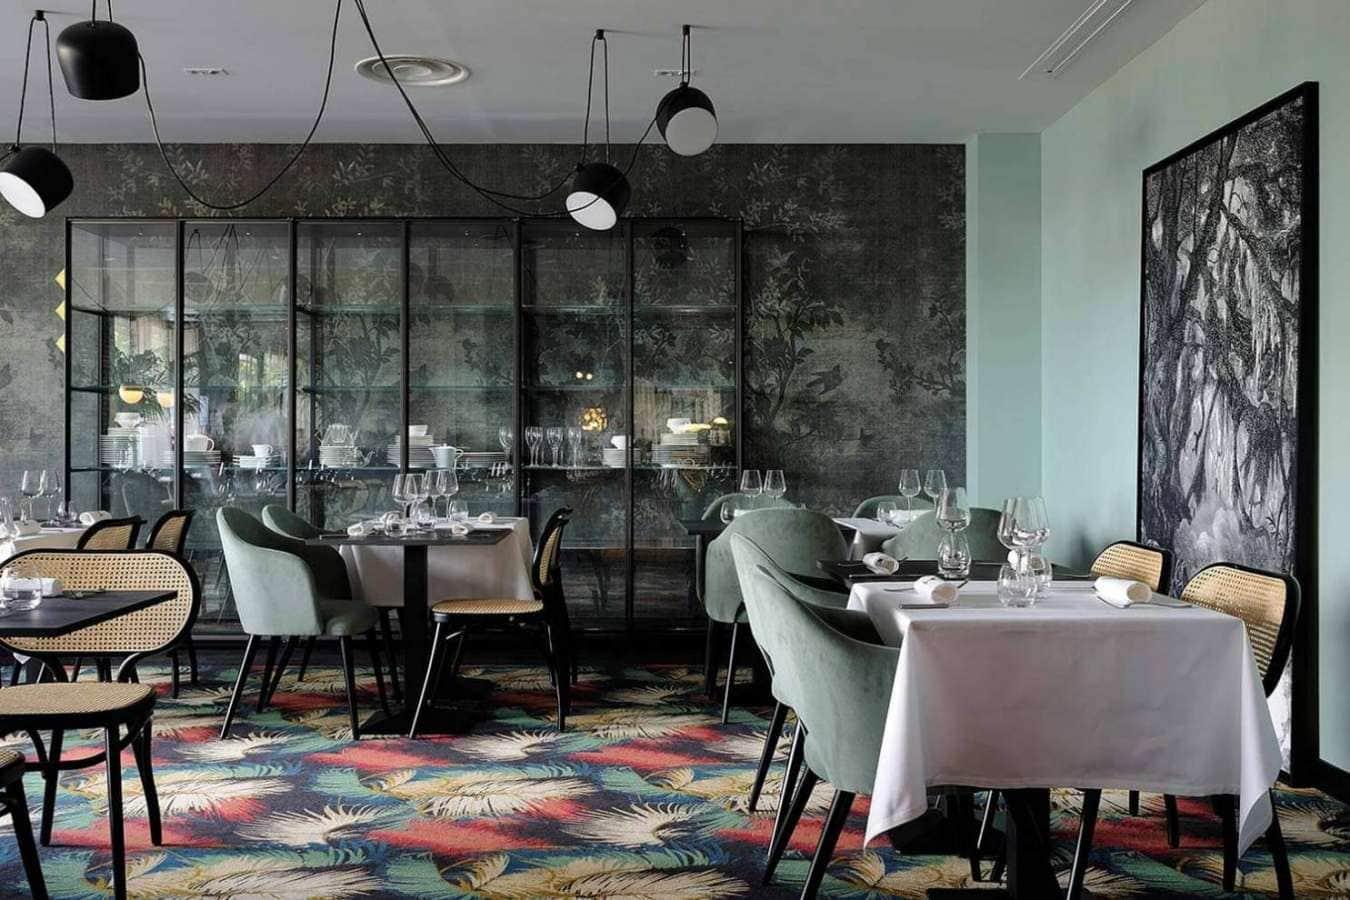 Restaurant La Foret Noire Chaponost Menu